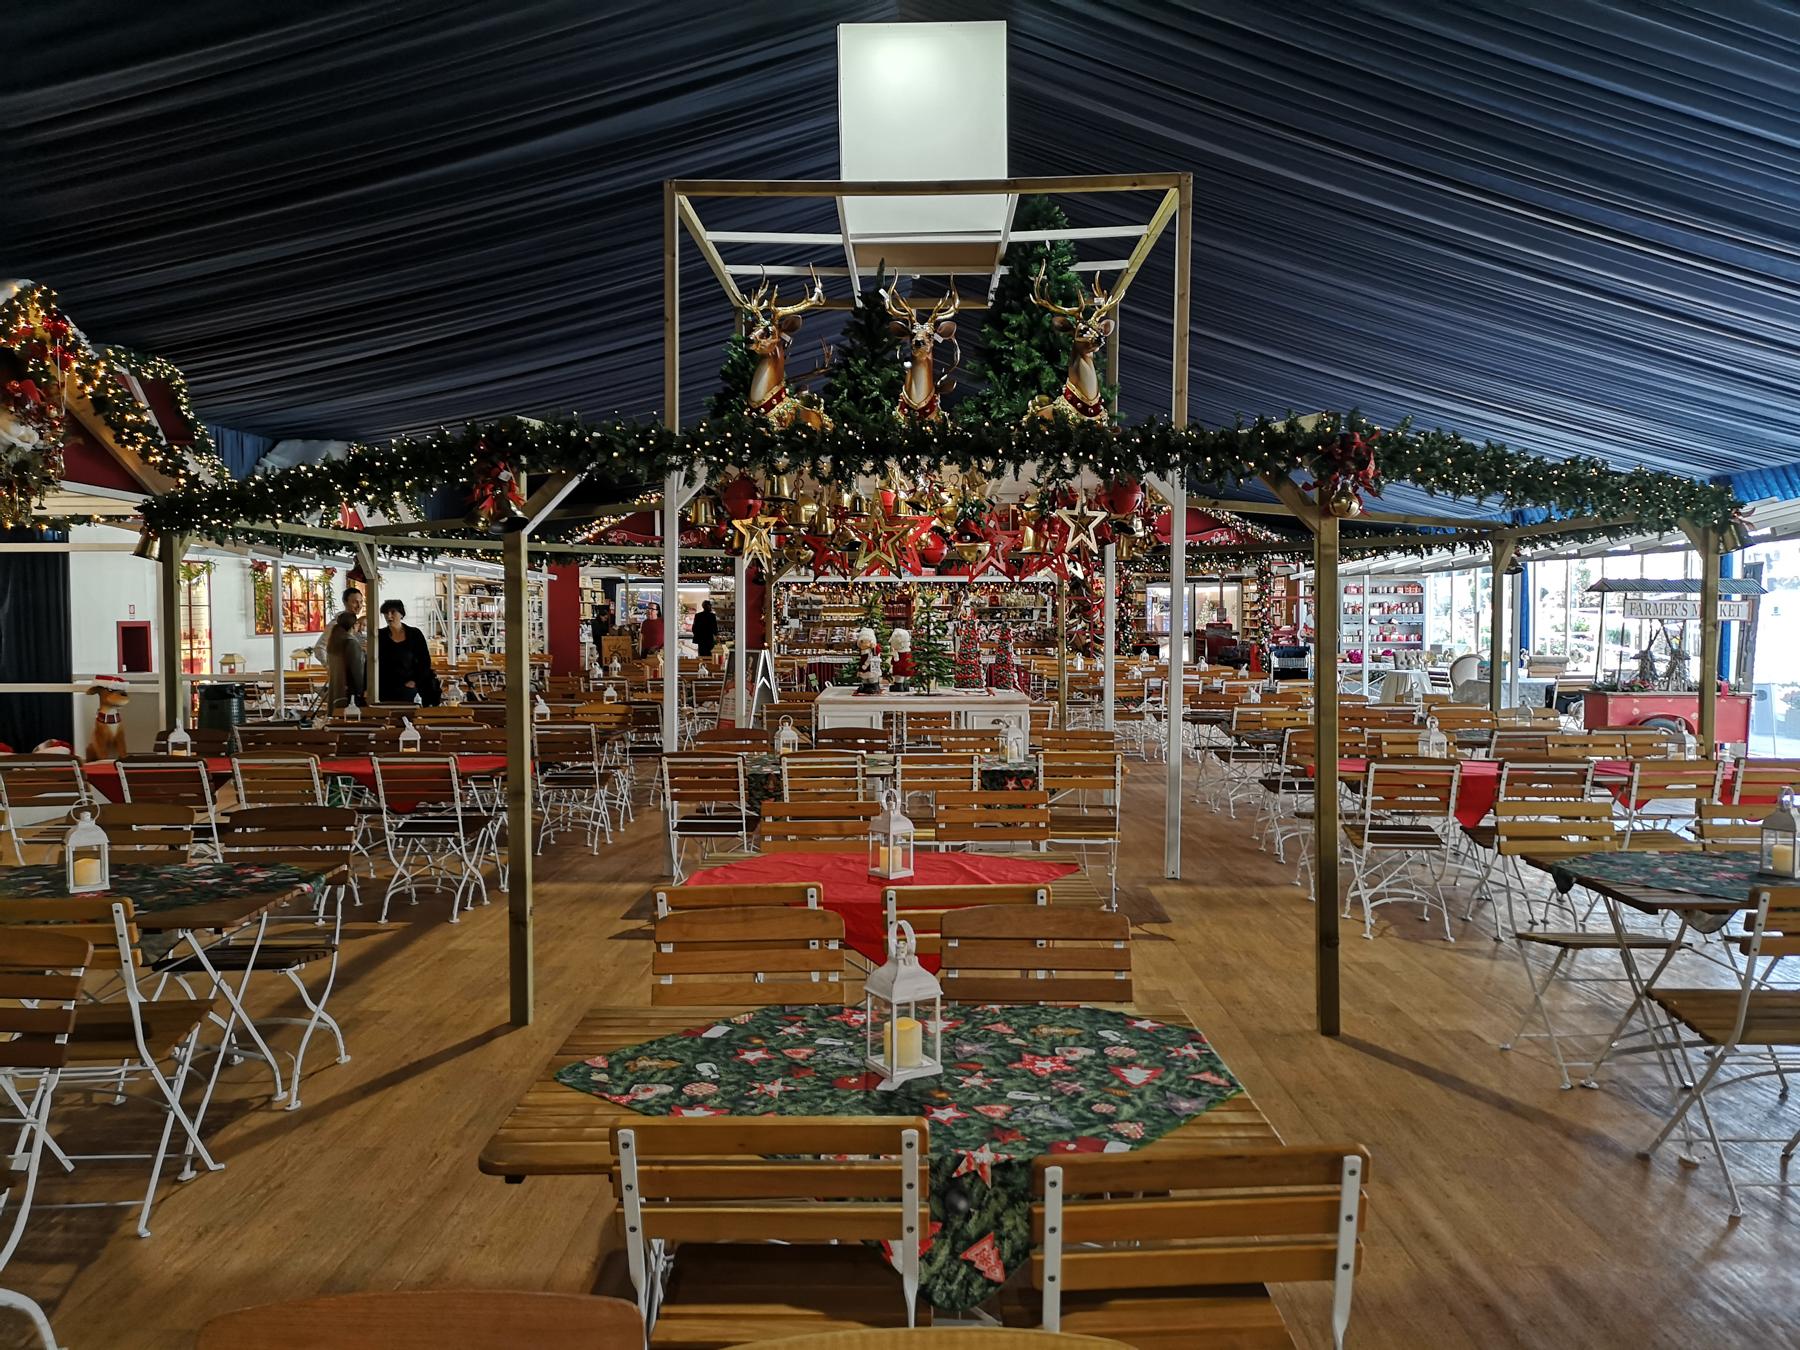 Flover l'area ristorazione per il periodo di Natale